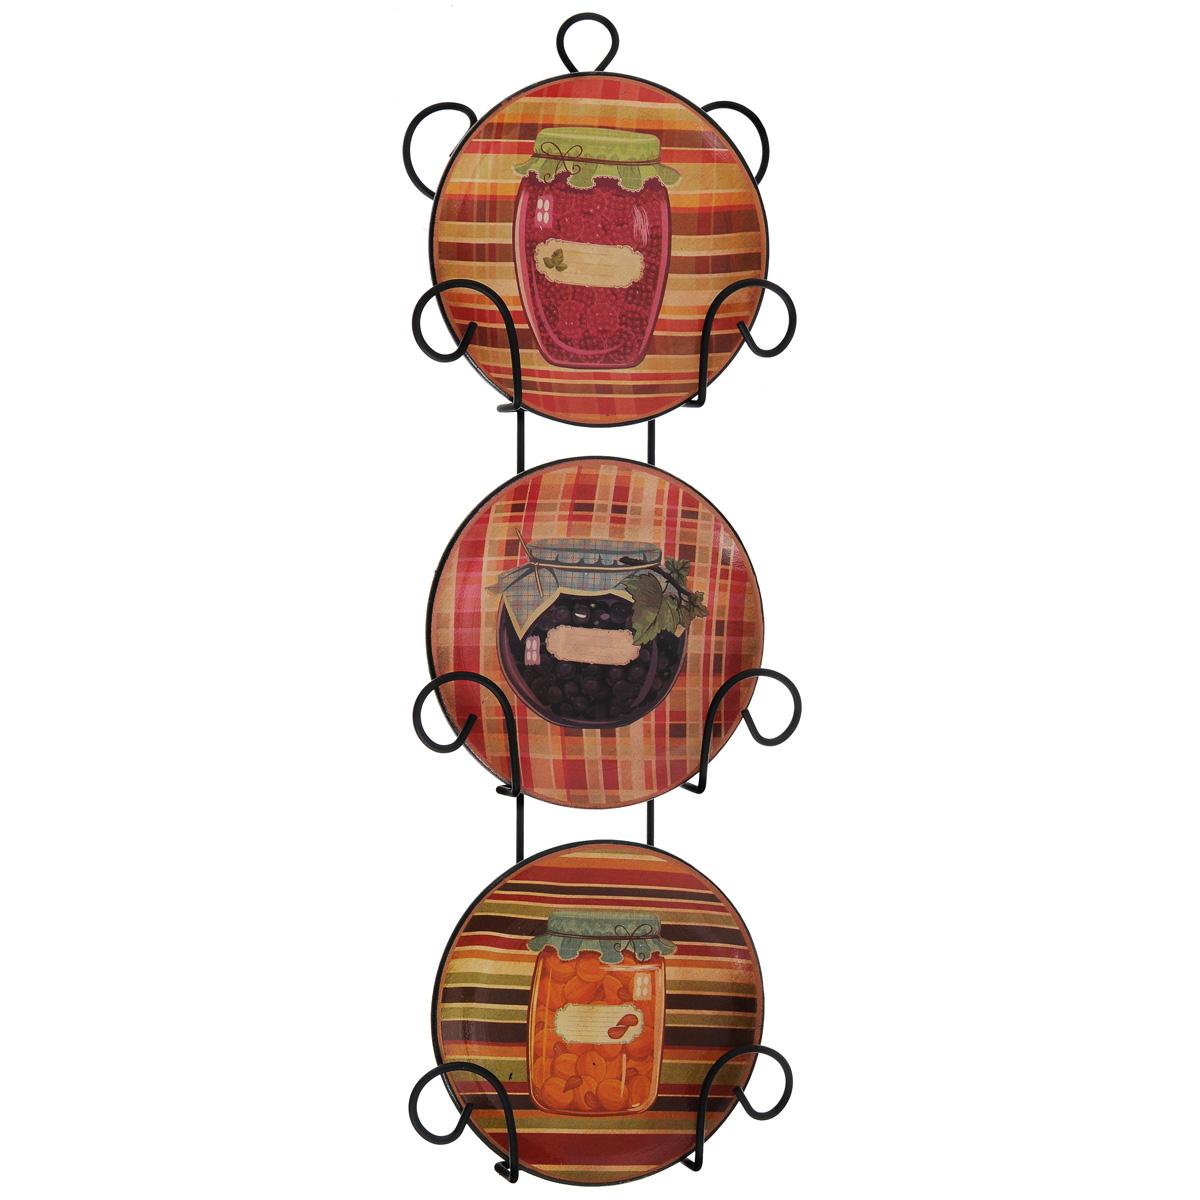 Набор декоративных тарелок Разносолы, диаметр 10 см, 3 шт121921Набор из трех декоративных тарелок с ярким рисунком украсят практически любое ваше помещение, будь то кухня, столовая, гостиная, холл и будут являться необычным дизайнерским решением. Тарелки выполнены из доломитовой керамики, подставка в виде вертикальной этажерки,благодаря которой сувенир удобно и быстро крепится к стене, - из черного металла. Каждая тарелочка, декорированная изображениями баночек с разносолами, помещается в отдельную нишу. Очаровательный набор декоративных тарелок - замечательный подарок друзьям и близким людям. Размер тарелки (без подставки): 10 см х 10 см х 1,5 см. Размер сувенира с подставкой: 2,5 см х 11,5 см х 33 см.